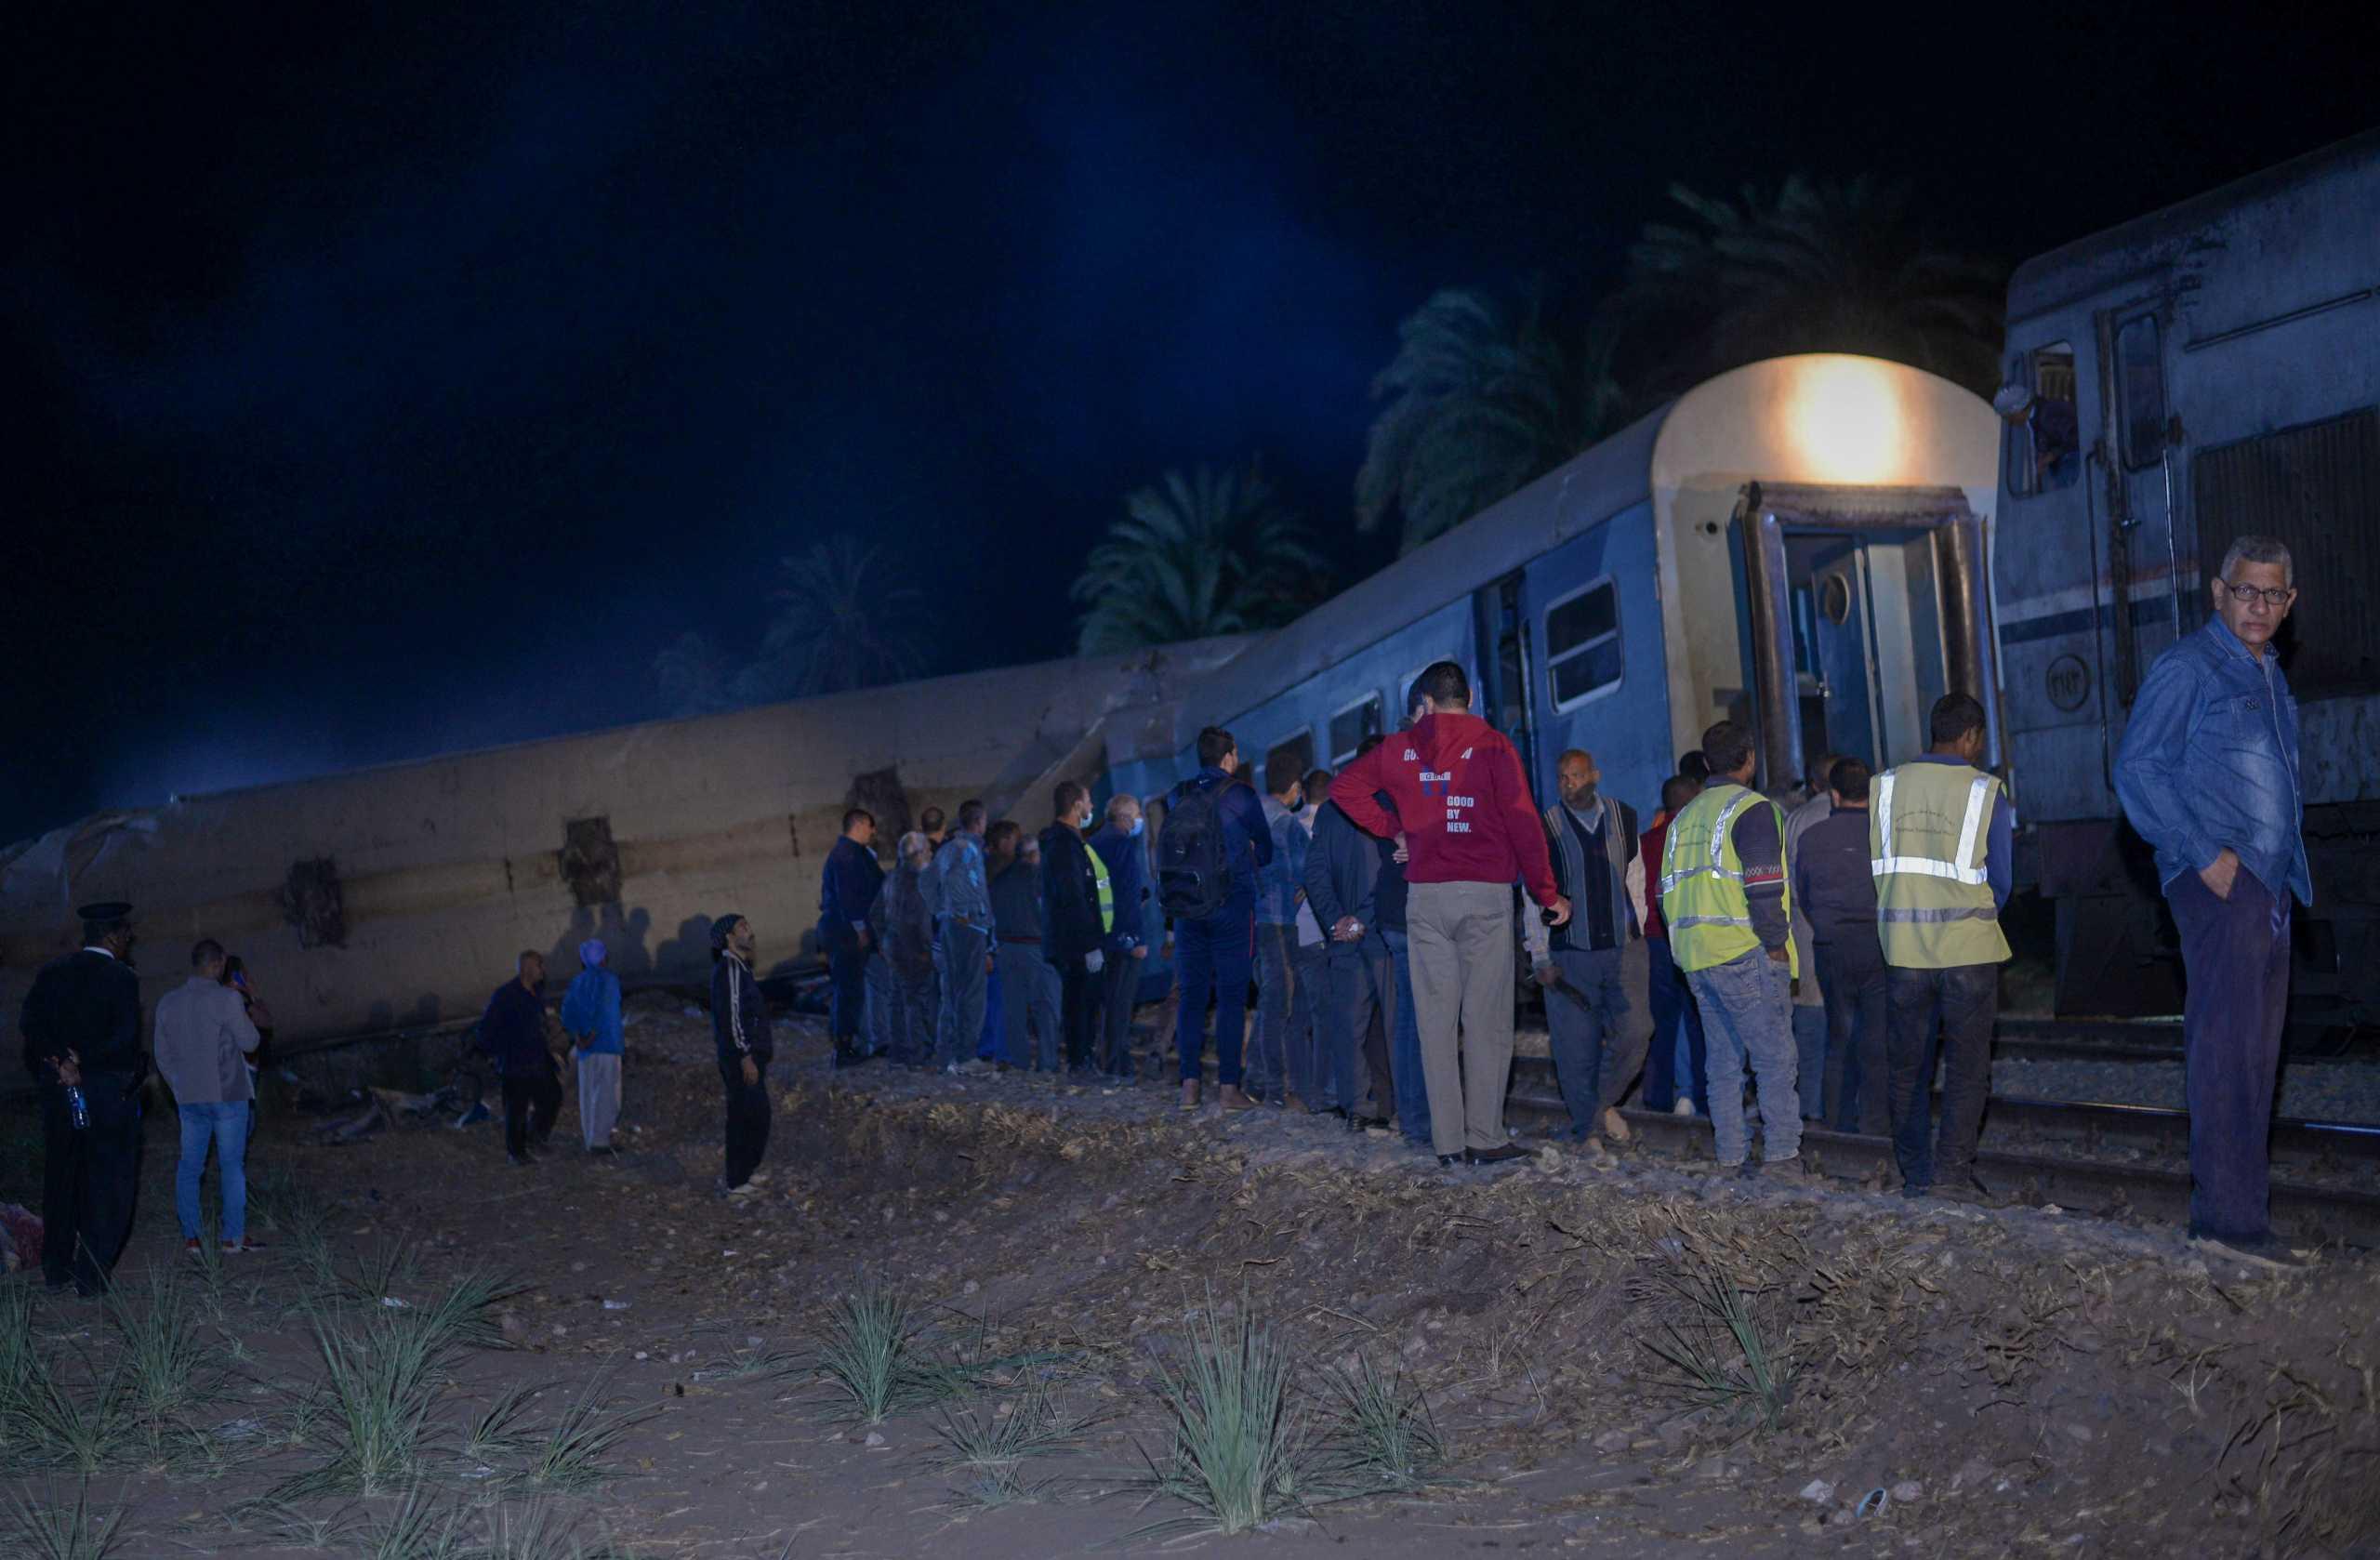 Αίγυπτος: Δεκαπέντε τραυματίες από εκτροχιασμό τρένου